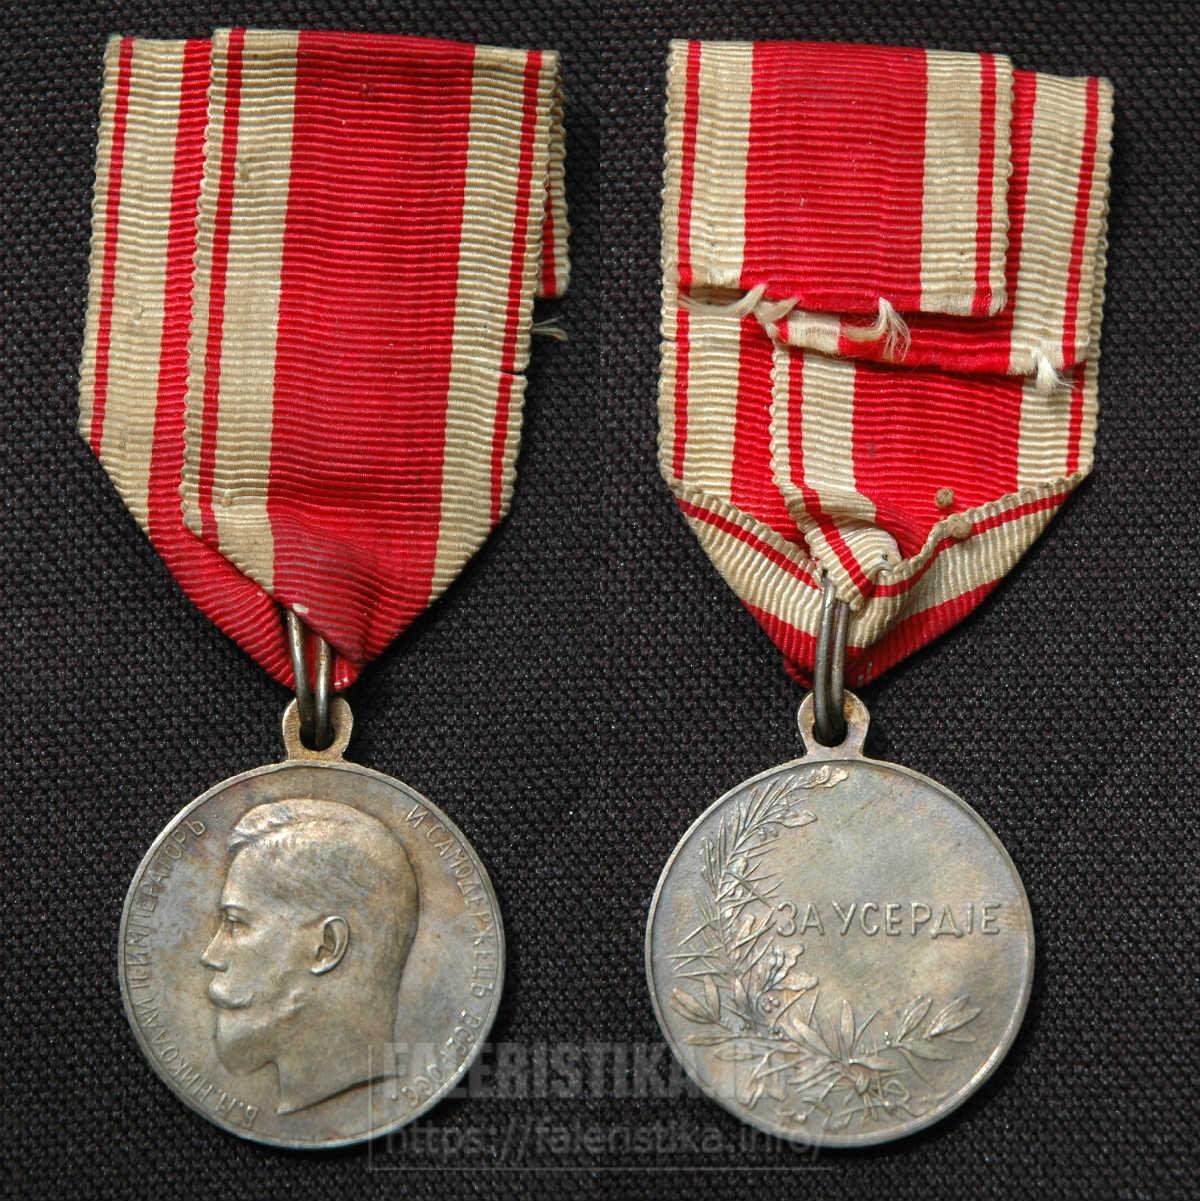 Медаль «За Усердие» на оригинальной ленте Ордена Св. Станислава с оригинальным промзвеном. 30 мм. Серебро. Буква Д- треугольником. Николай II, тип 1894—1915